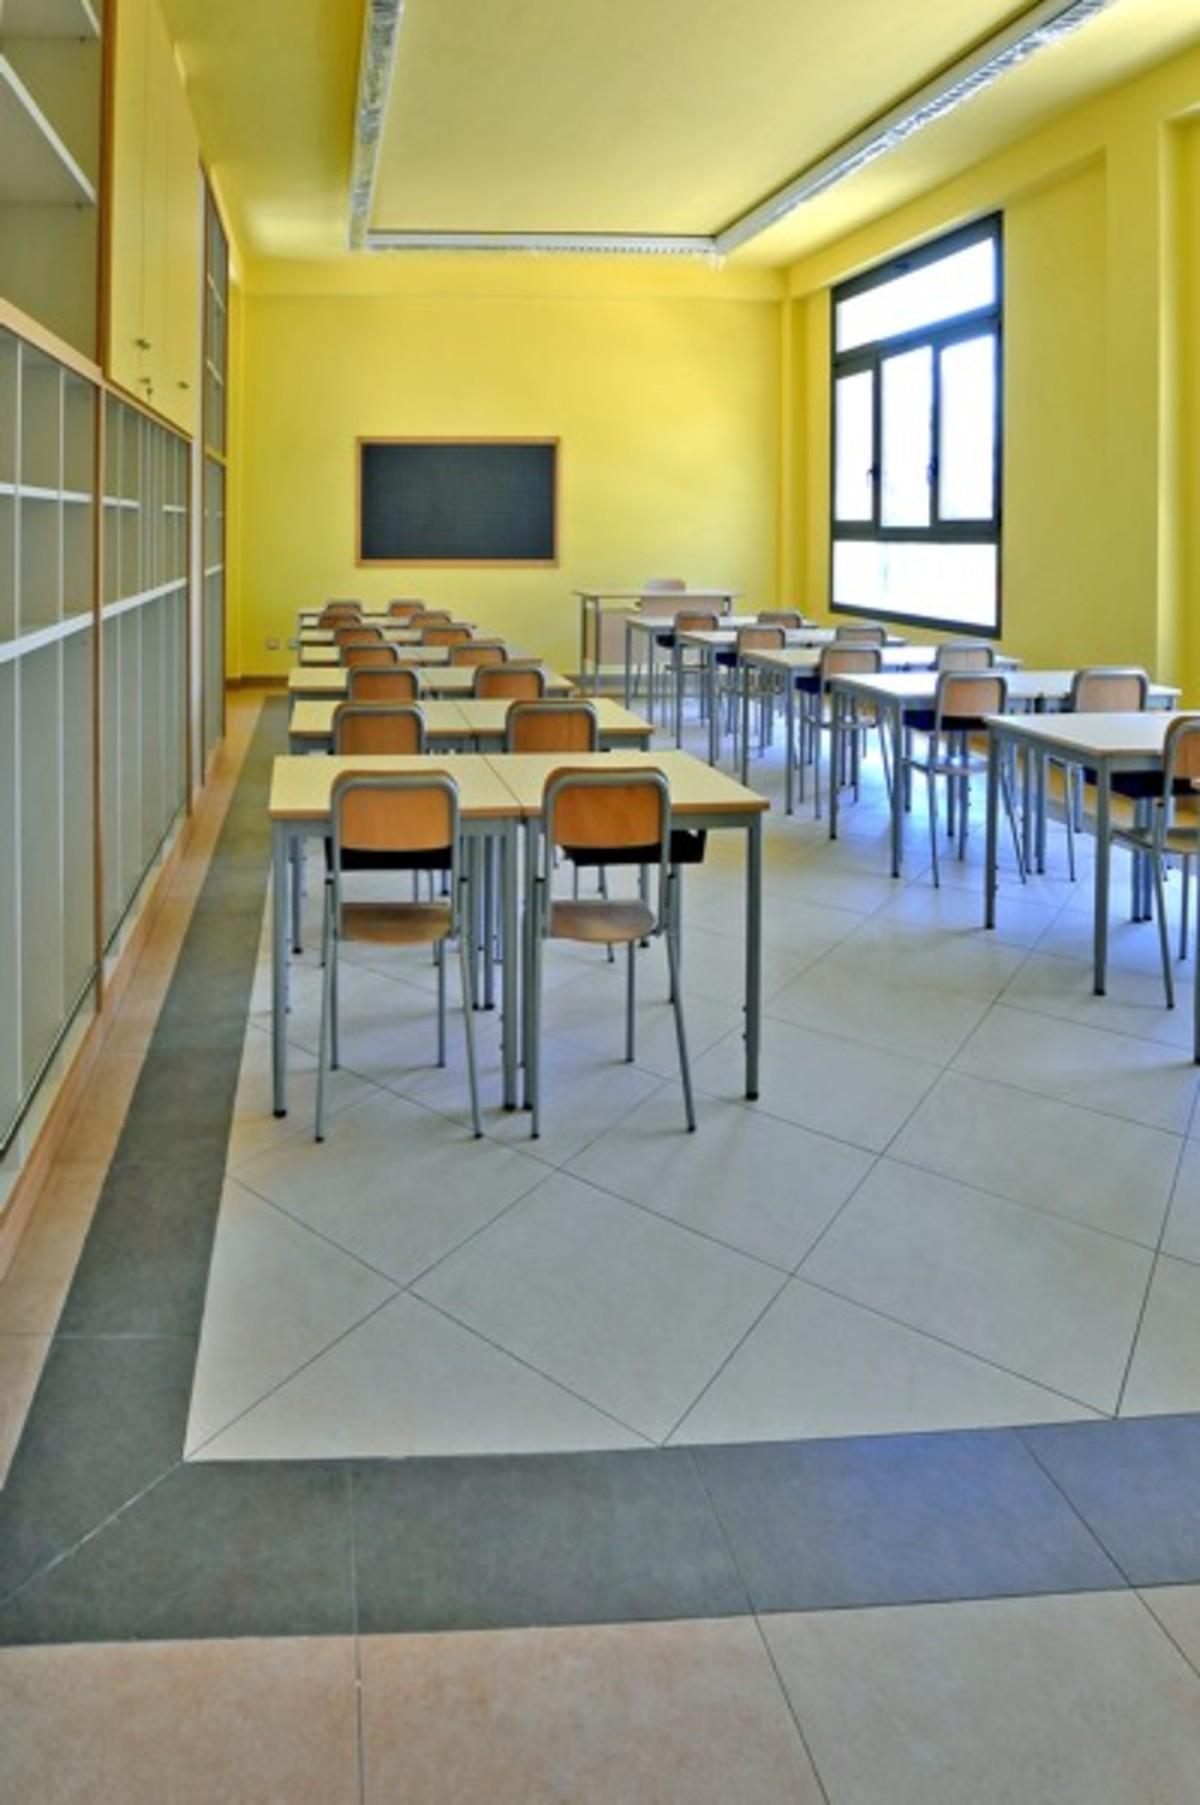 Elementary School Tressano Reggio Emilia Floornature